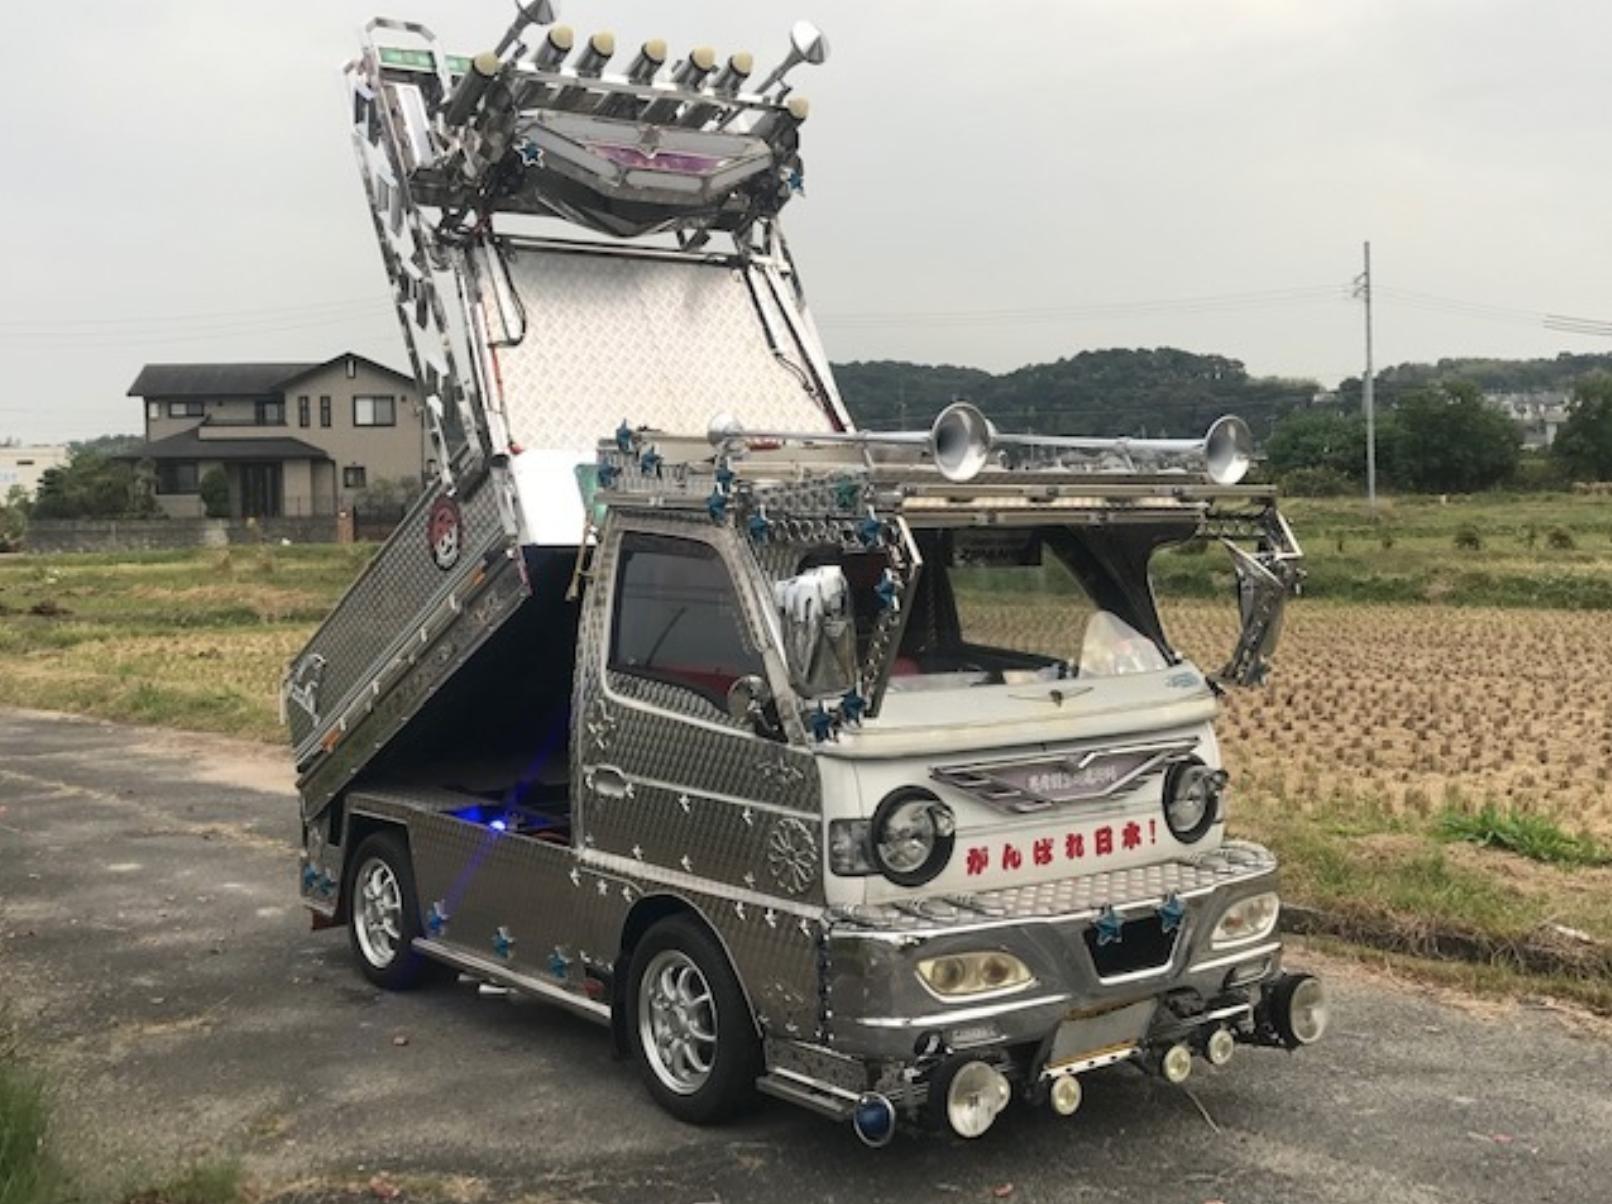 1993 Dekotora Suzuki Carry - JUST ARRIVED!!!